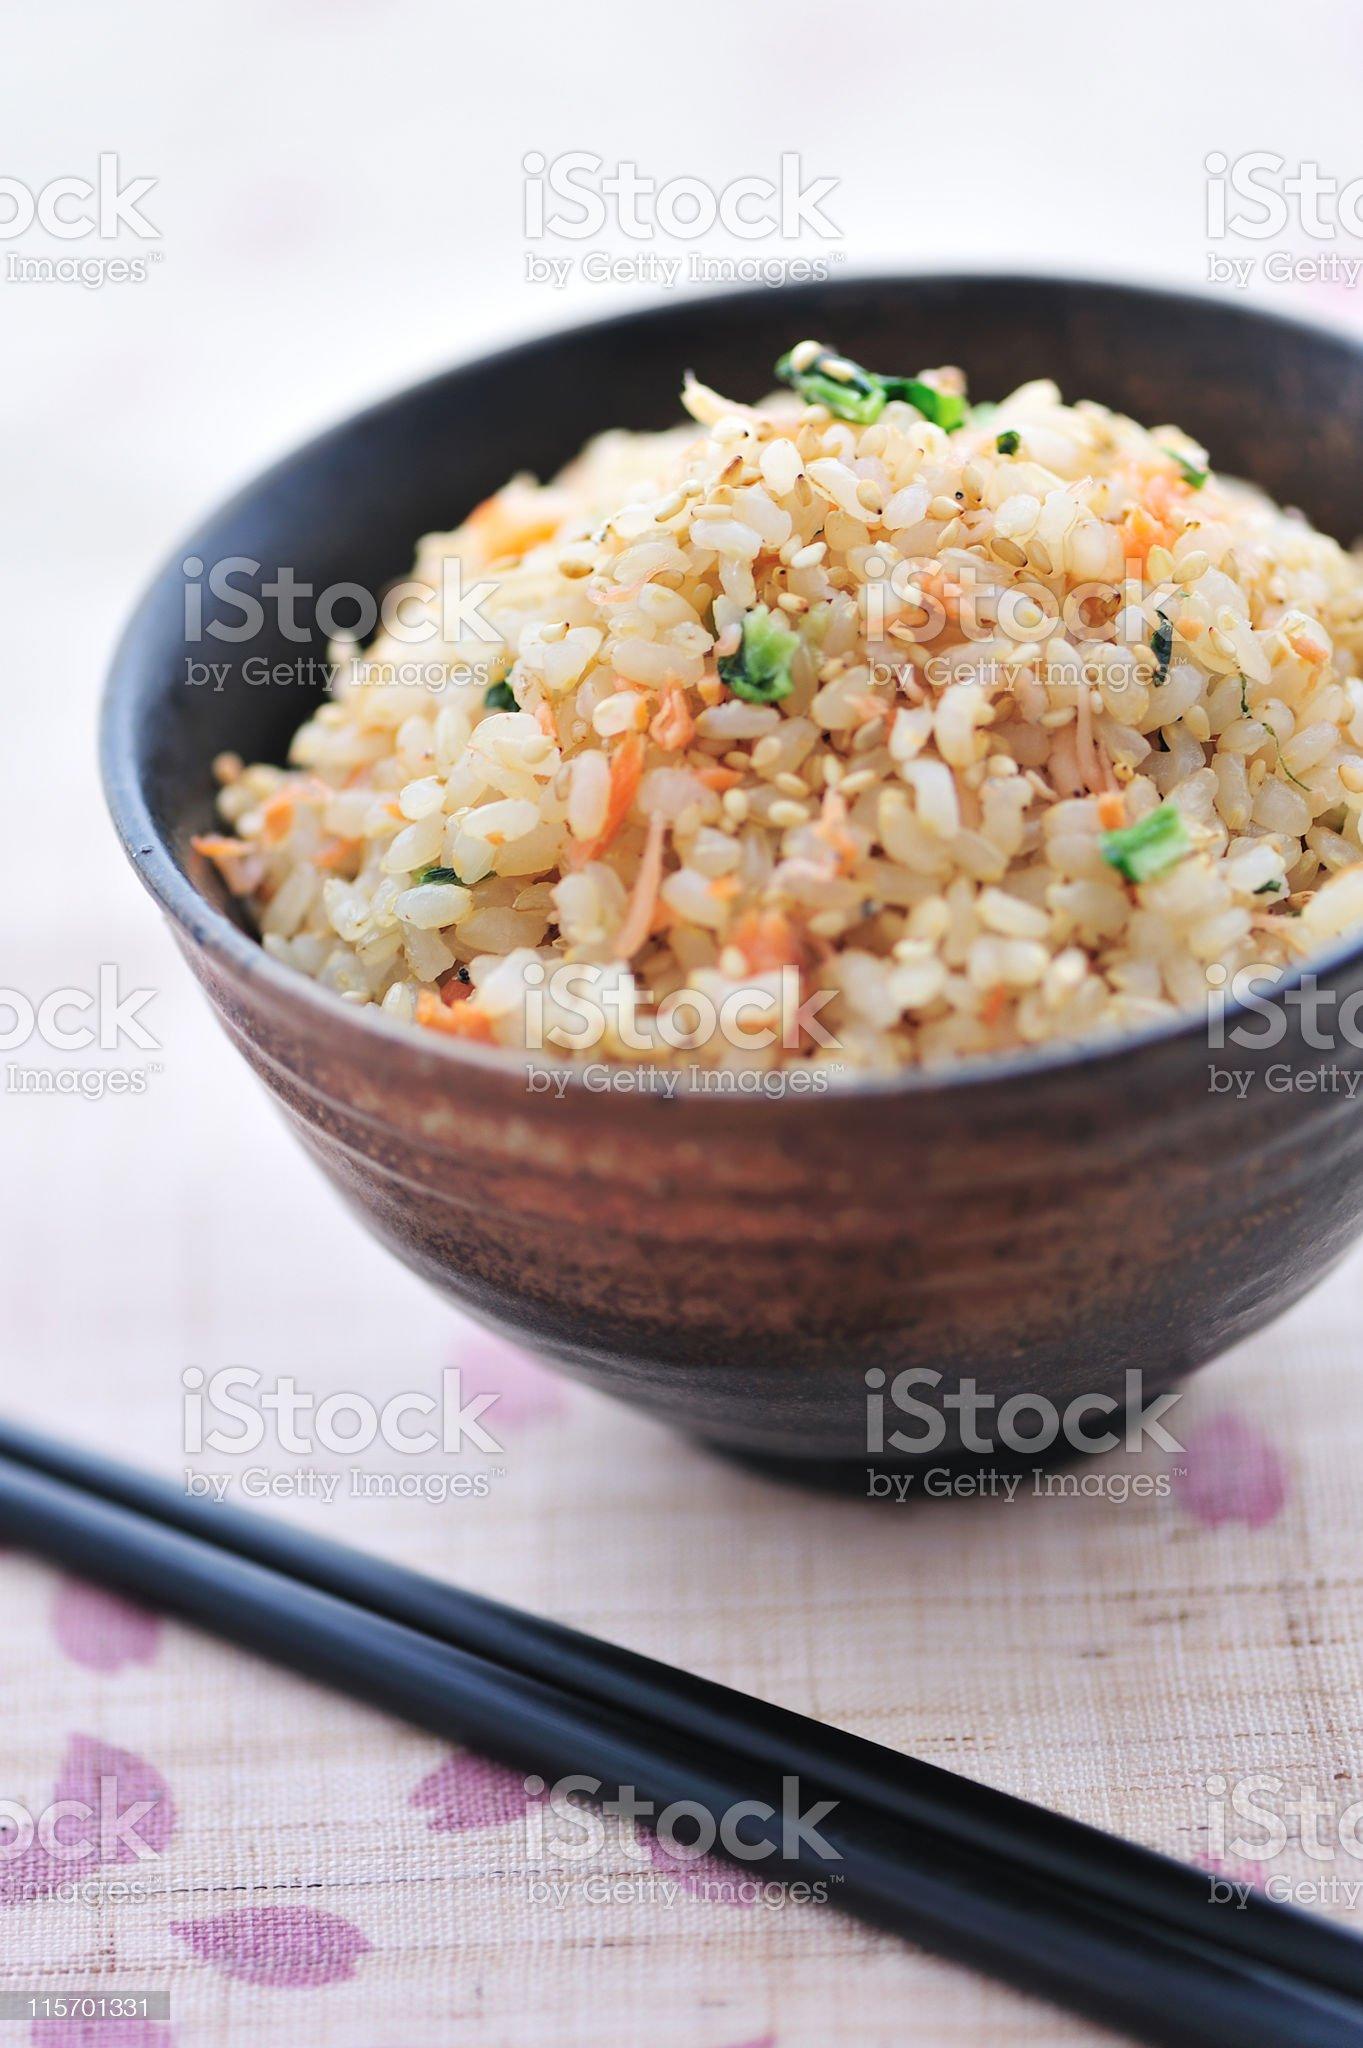 Macrobiotic Diet royalty-free stock photo